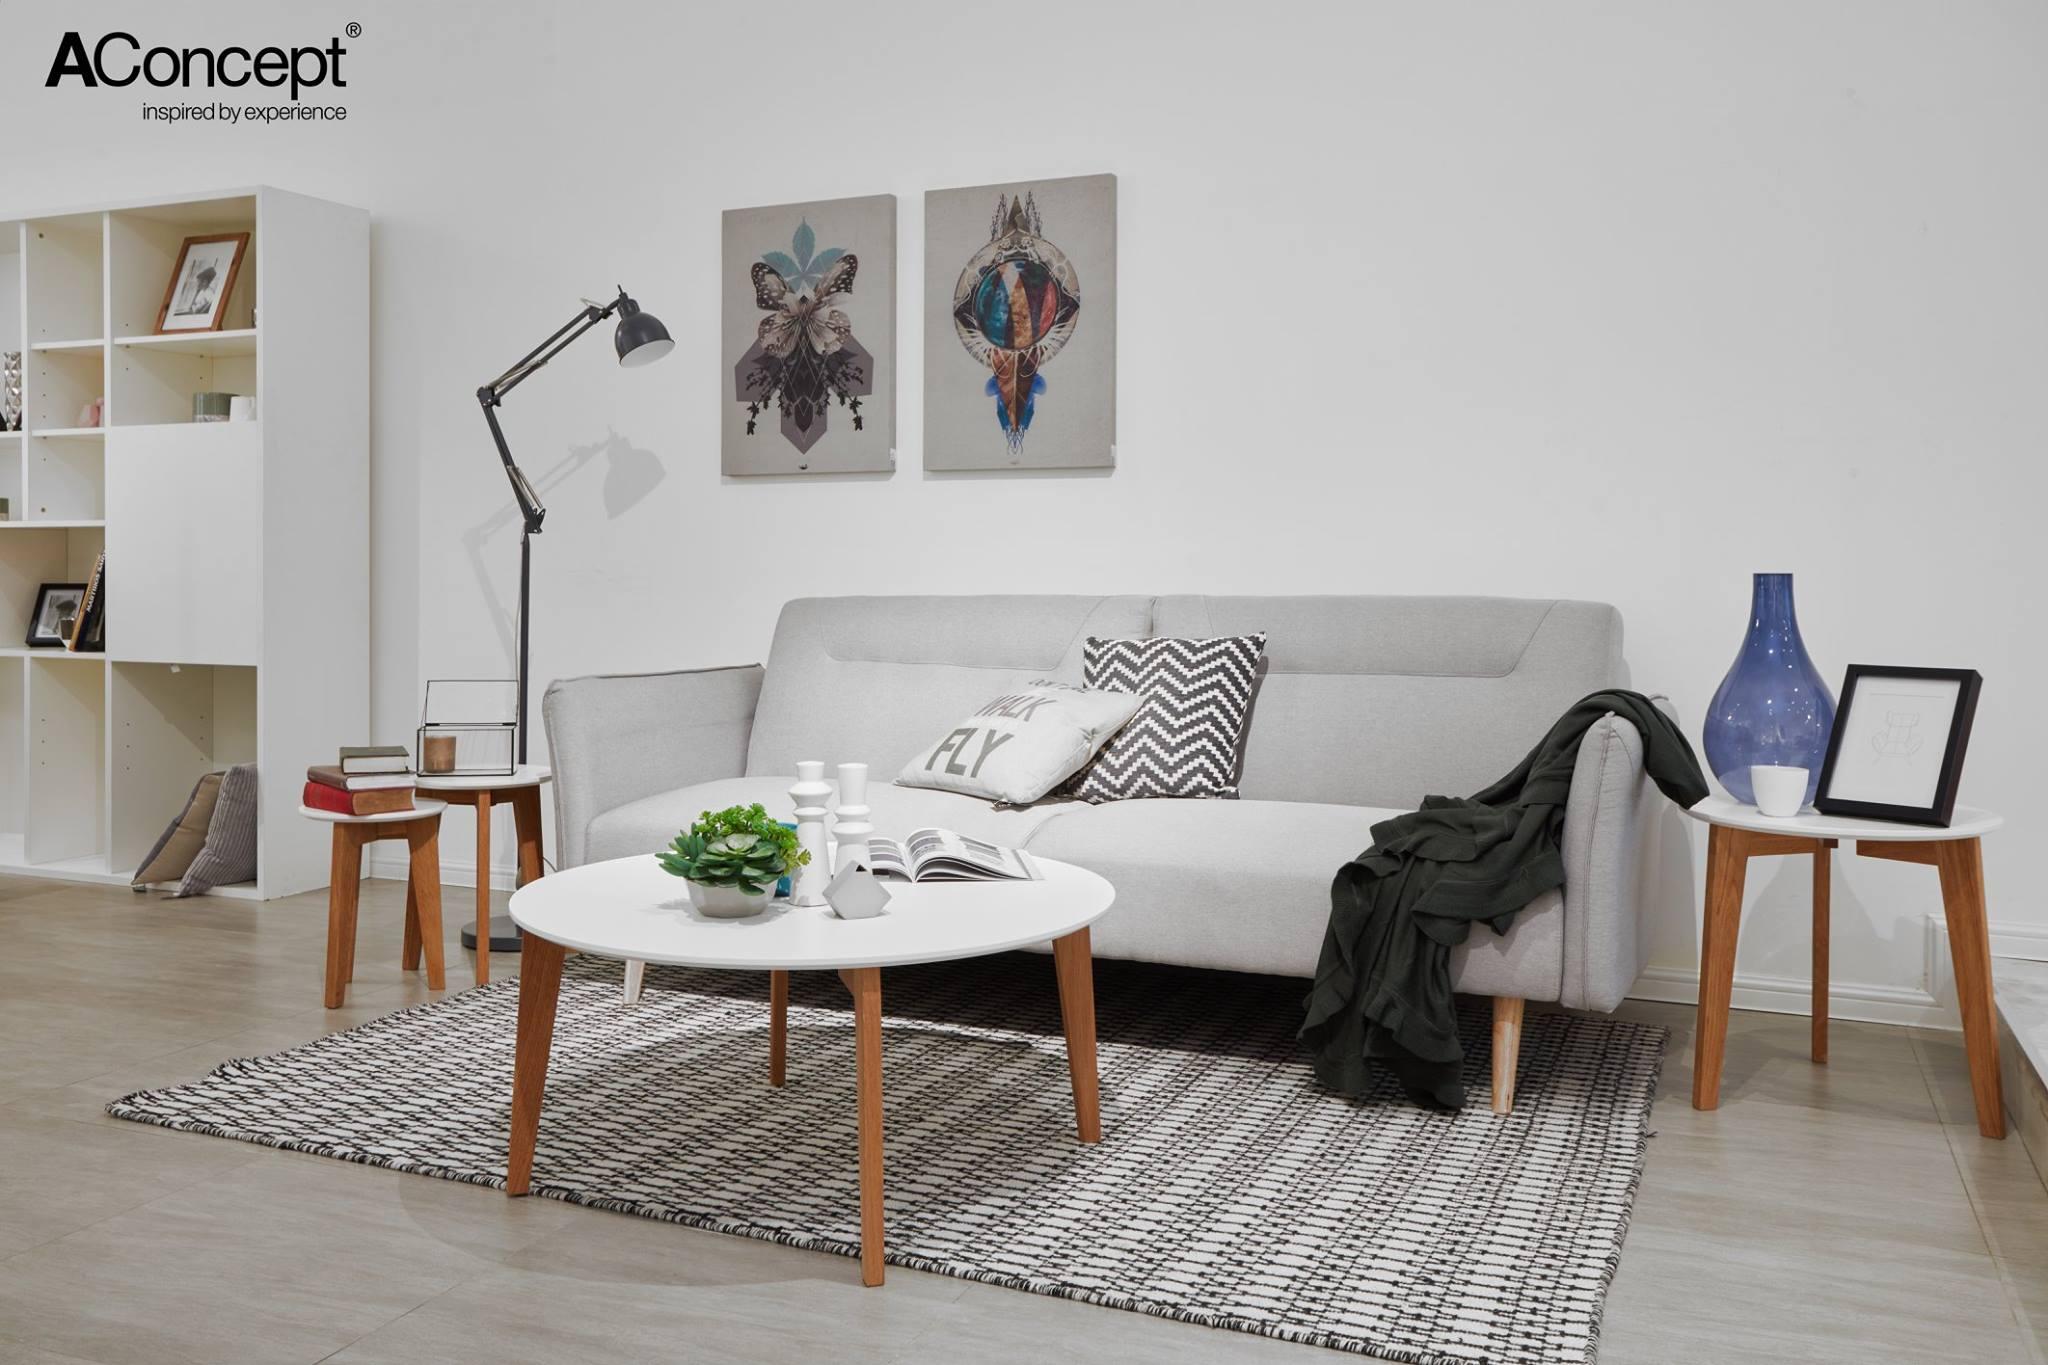 cach lam sach ghe sofa da trang 05 - 6 Cách Làm Sạch Ghế Sofa Da Trắng Mới Tinh Như Vừa Mới Mua